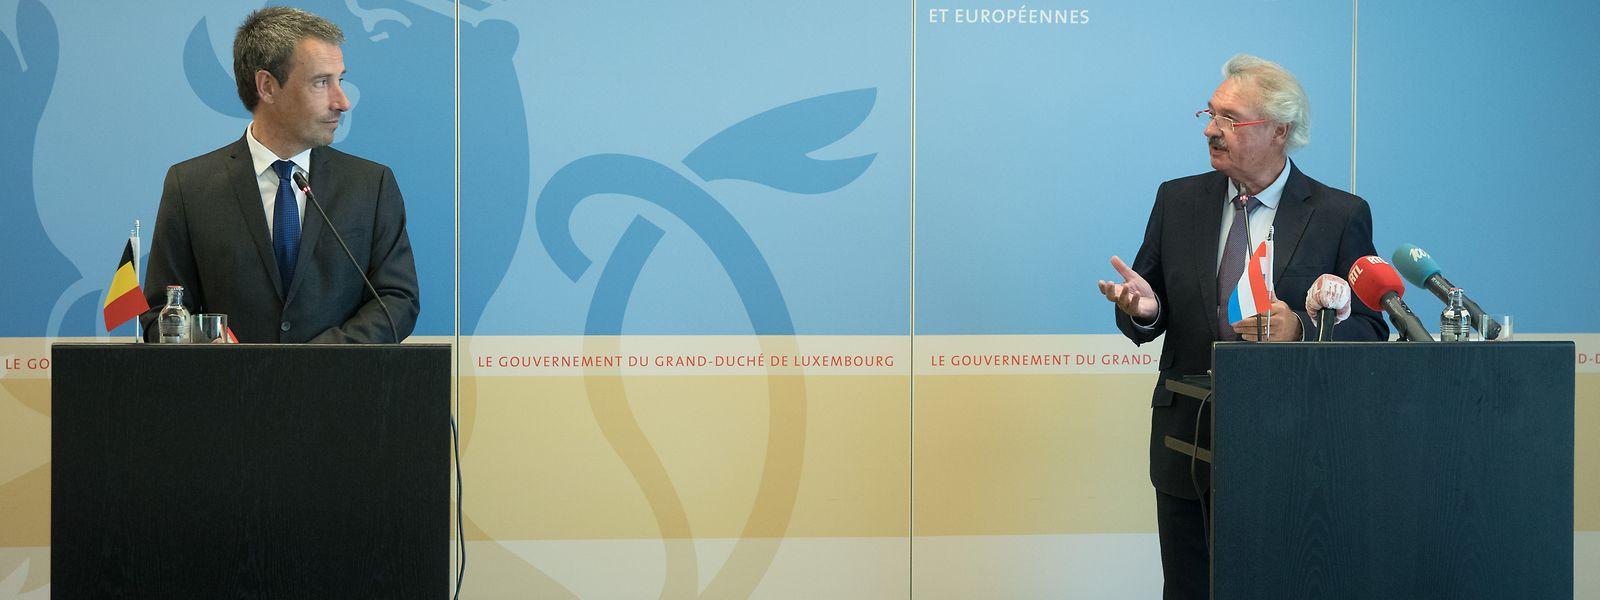 Les ministres des Affaires étrangères belge et luxembourgeois, Philippe Goffin (à g.) et Jean Asselborn, se sont accordés sur les modalités accompagnant les nouvelles restrictions belges